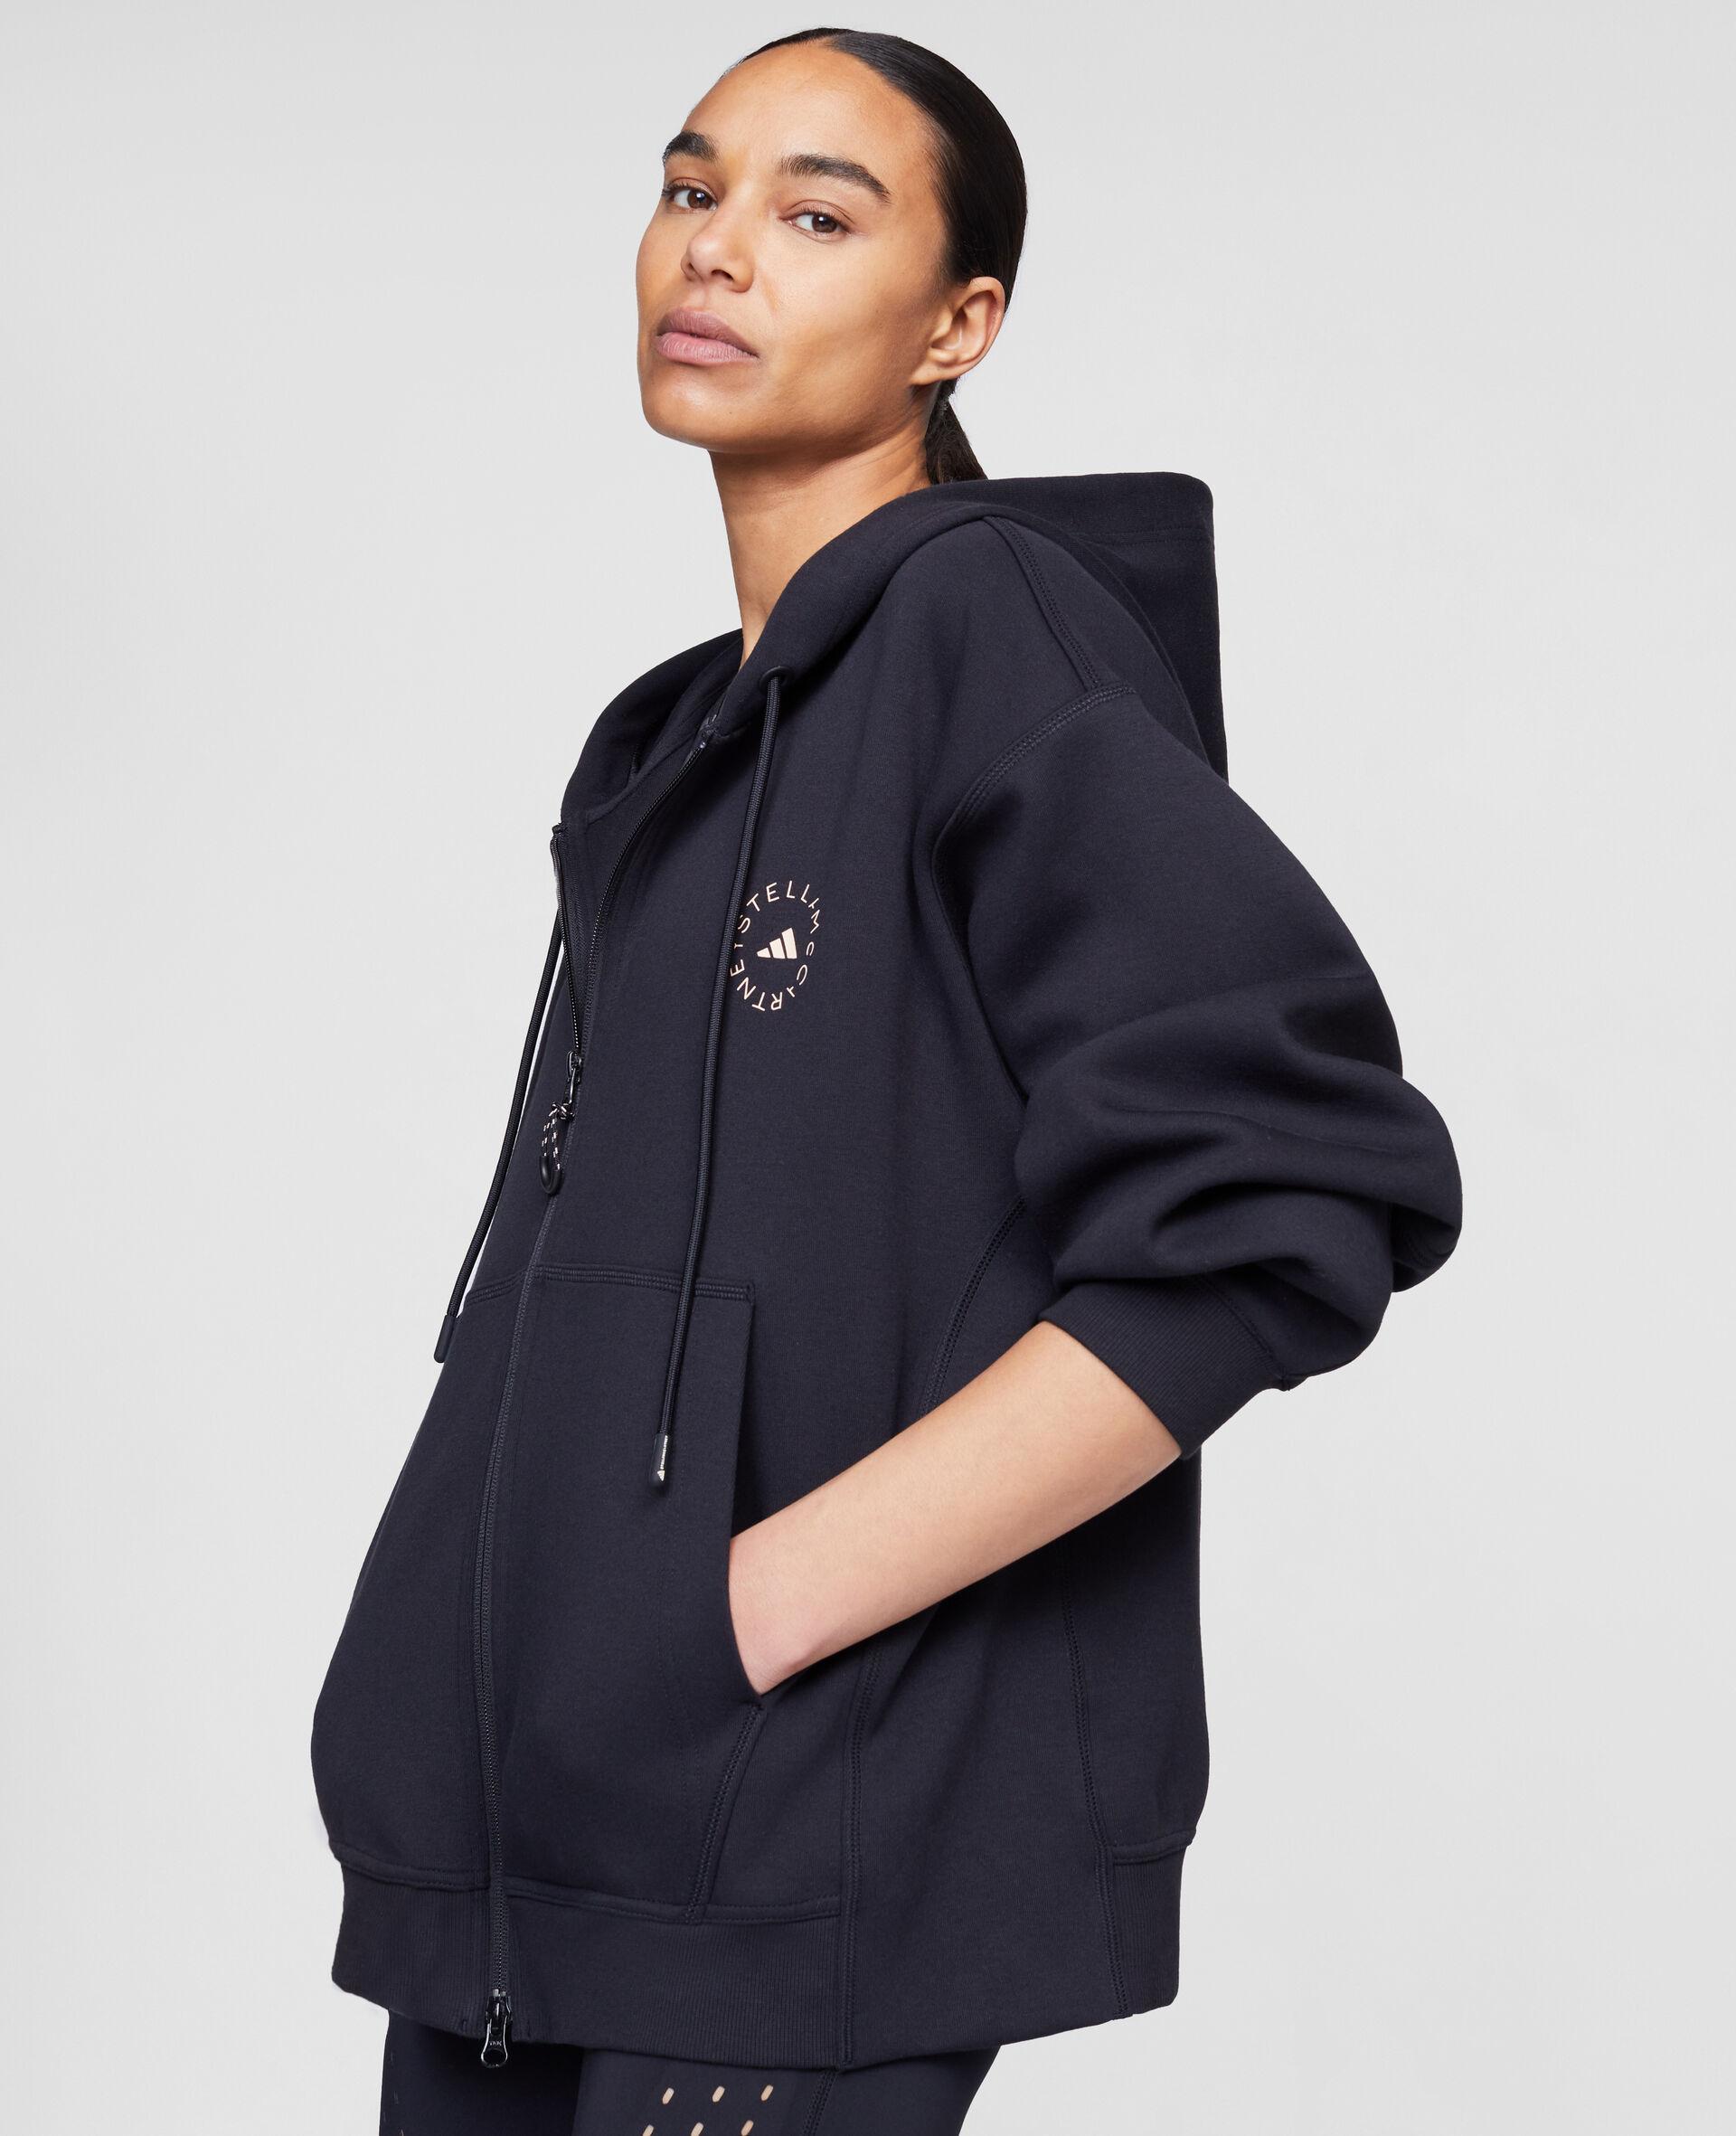 Schwarzes Kapuzensweatshirt mit Reißverschluss-Schwarz-large image number 3